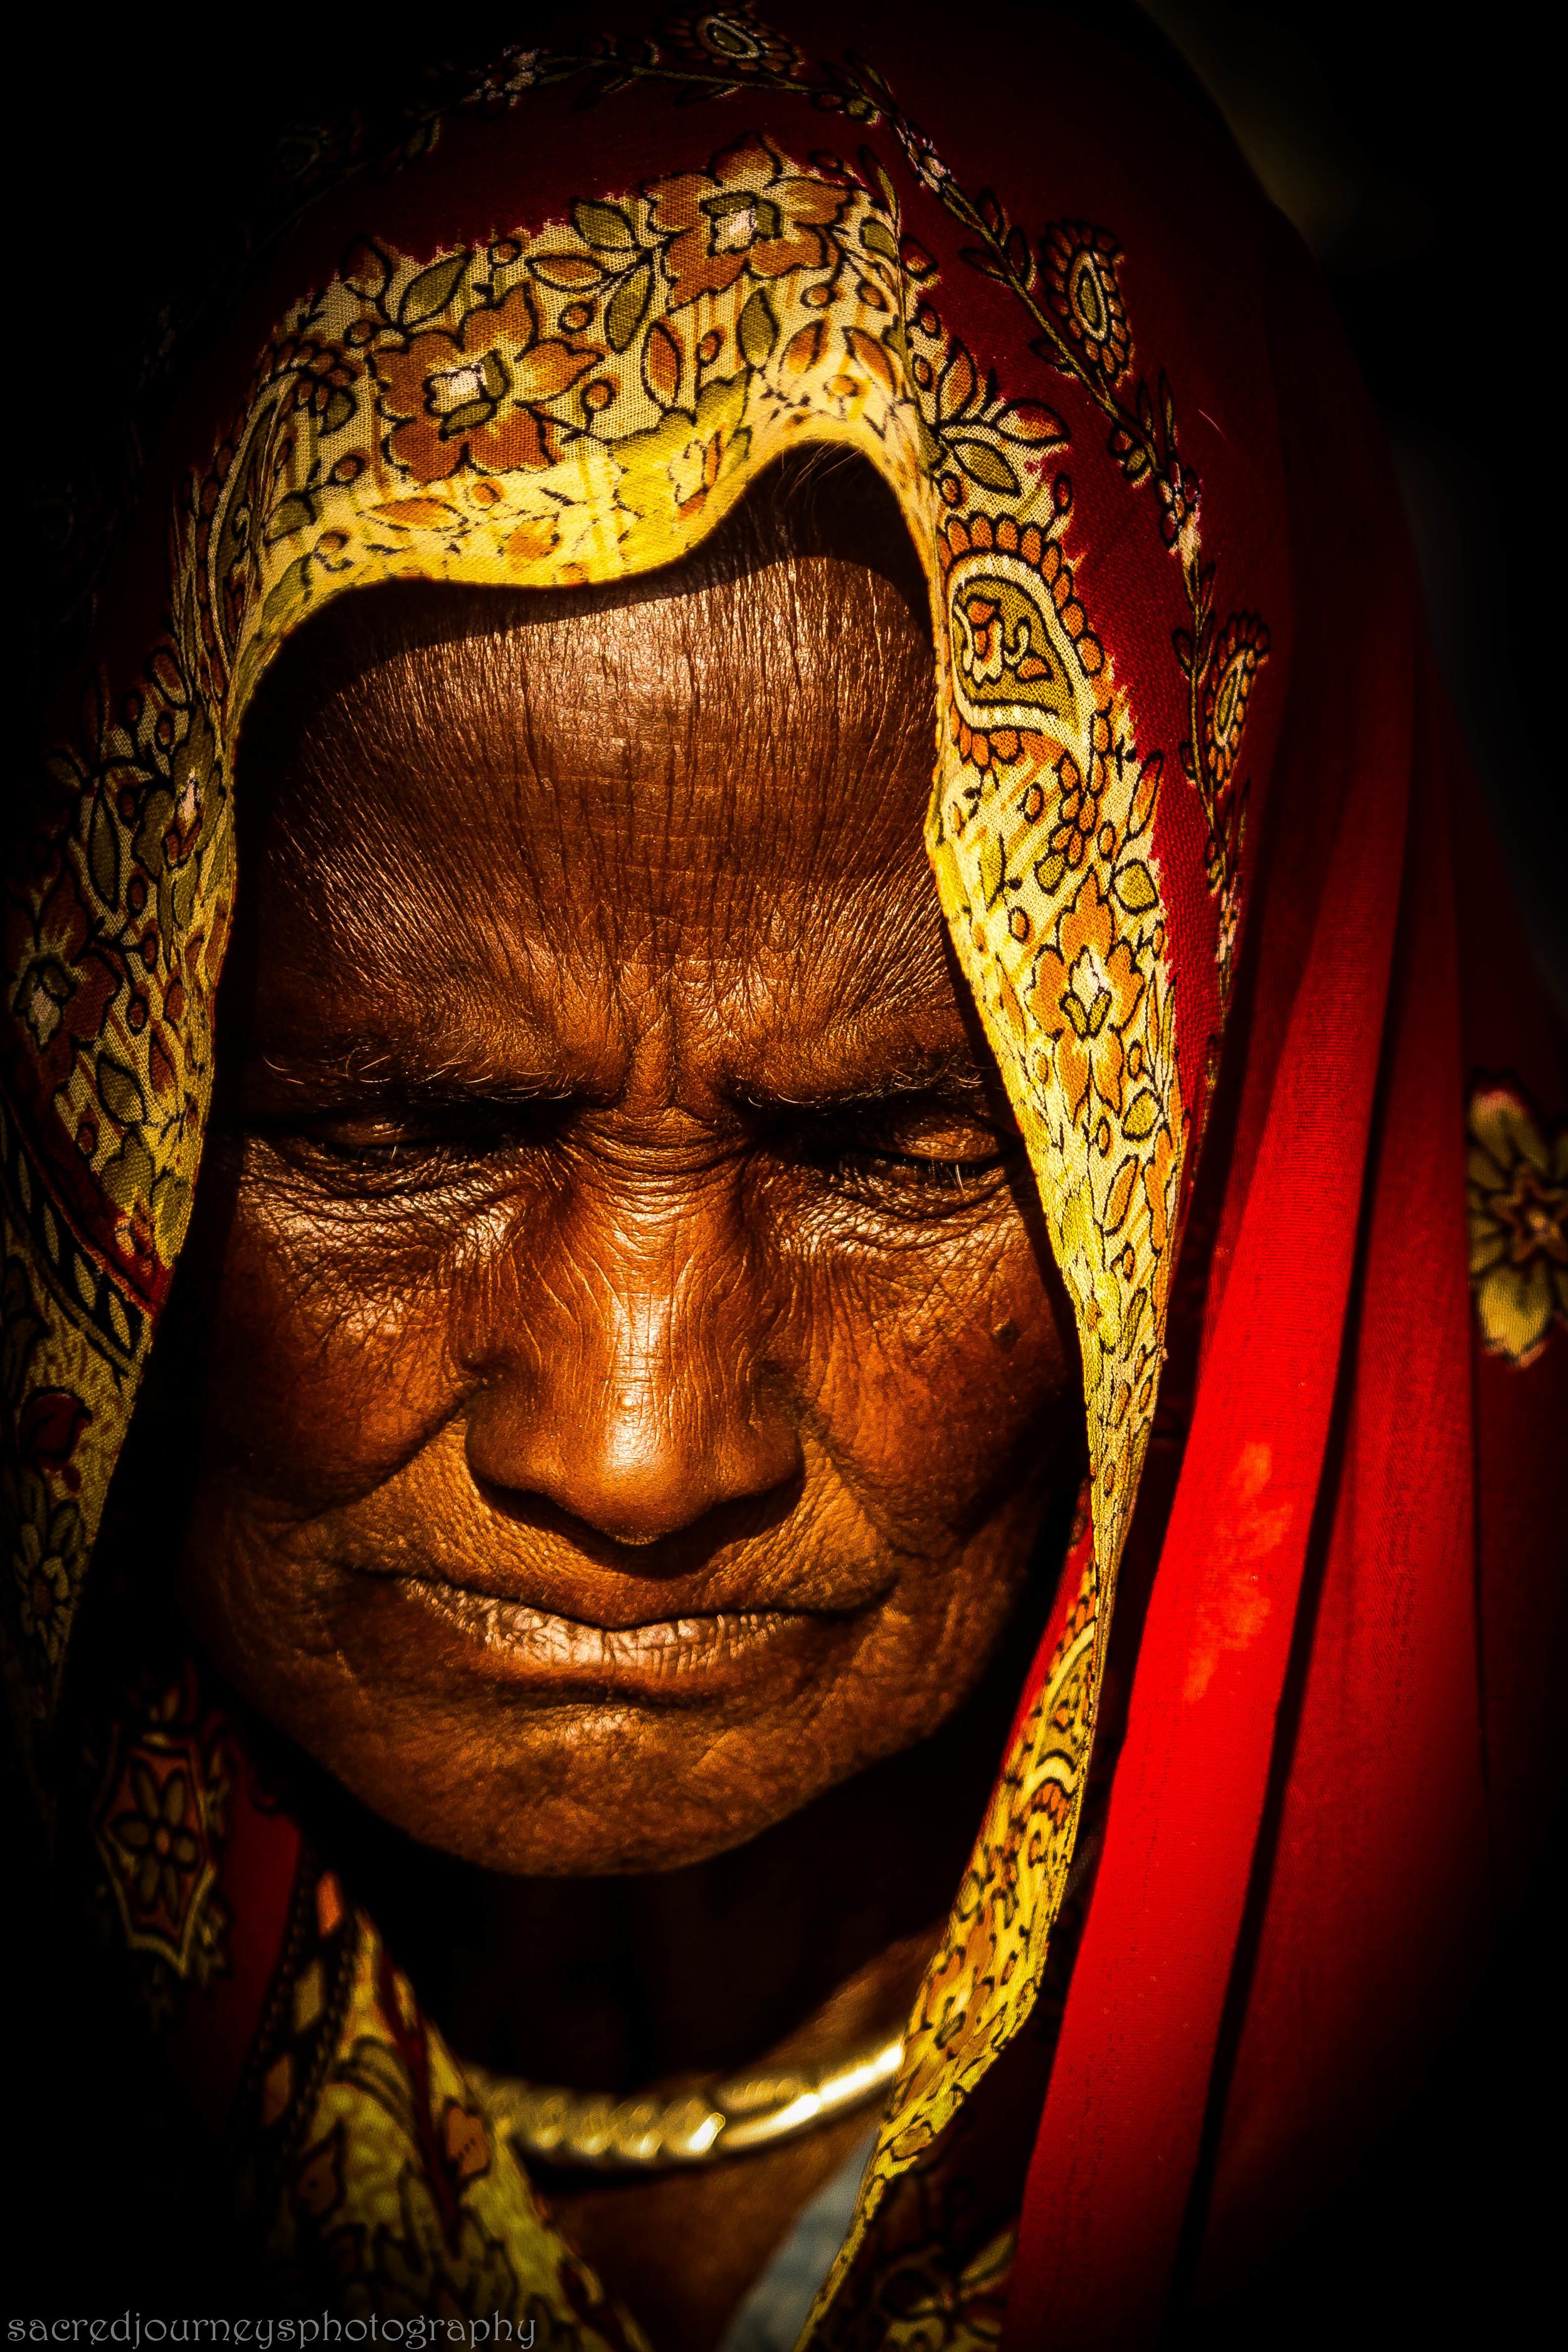 India Varanasi 2 Allahabad 50D March 2013 204.jpg